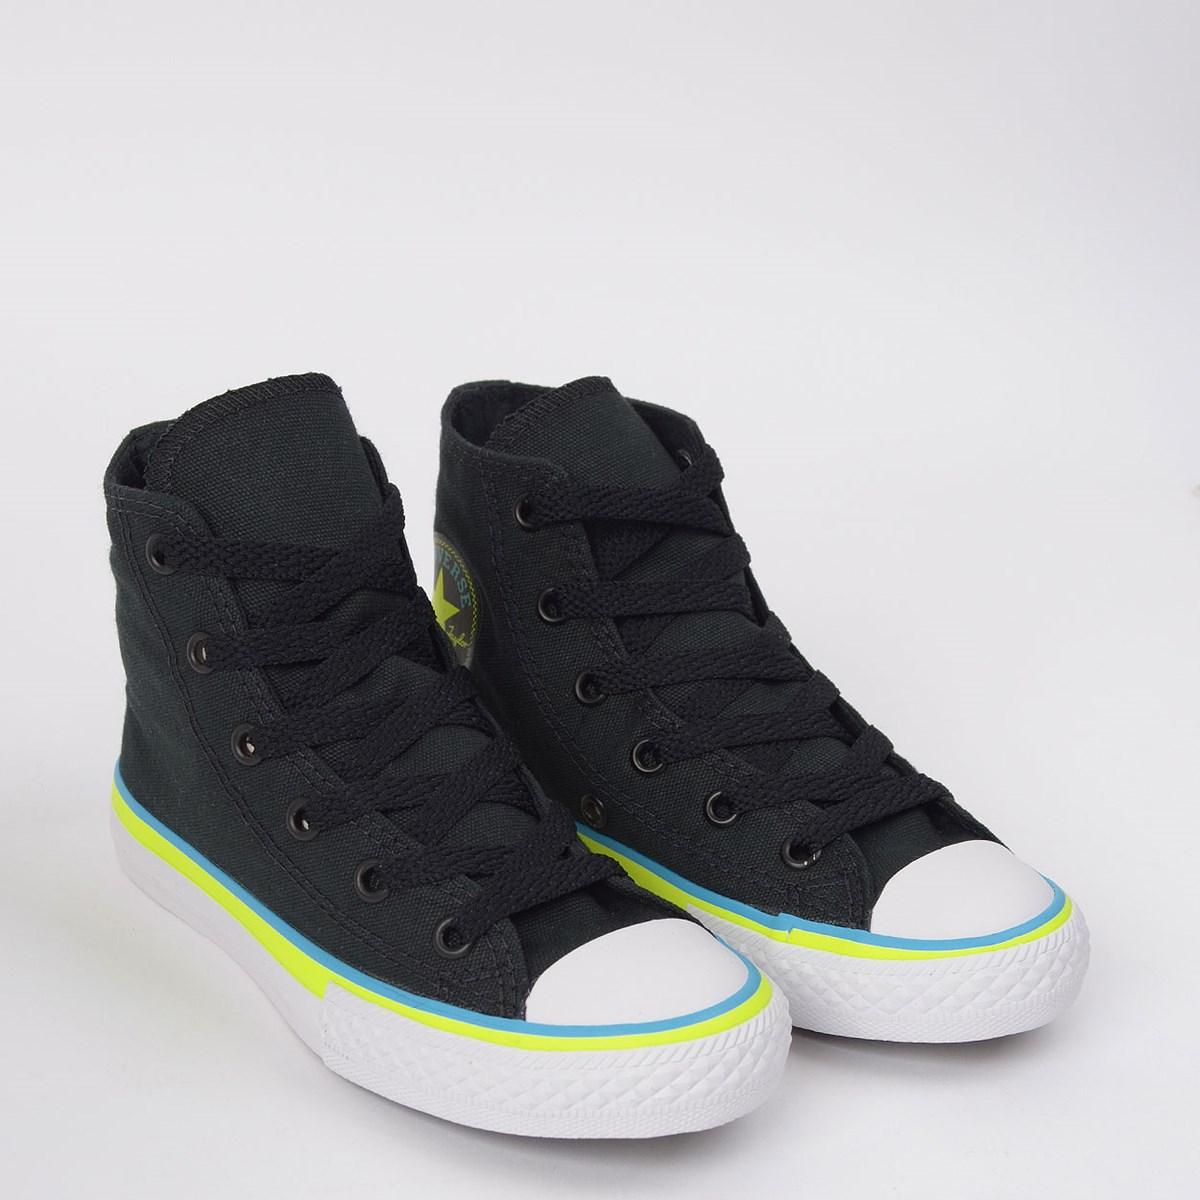 Tênis Converse Chuck Taylor All Star Kids Ox Preto Azul Náutico CK08540001